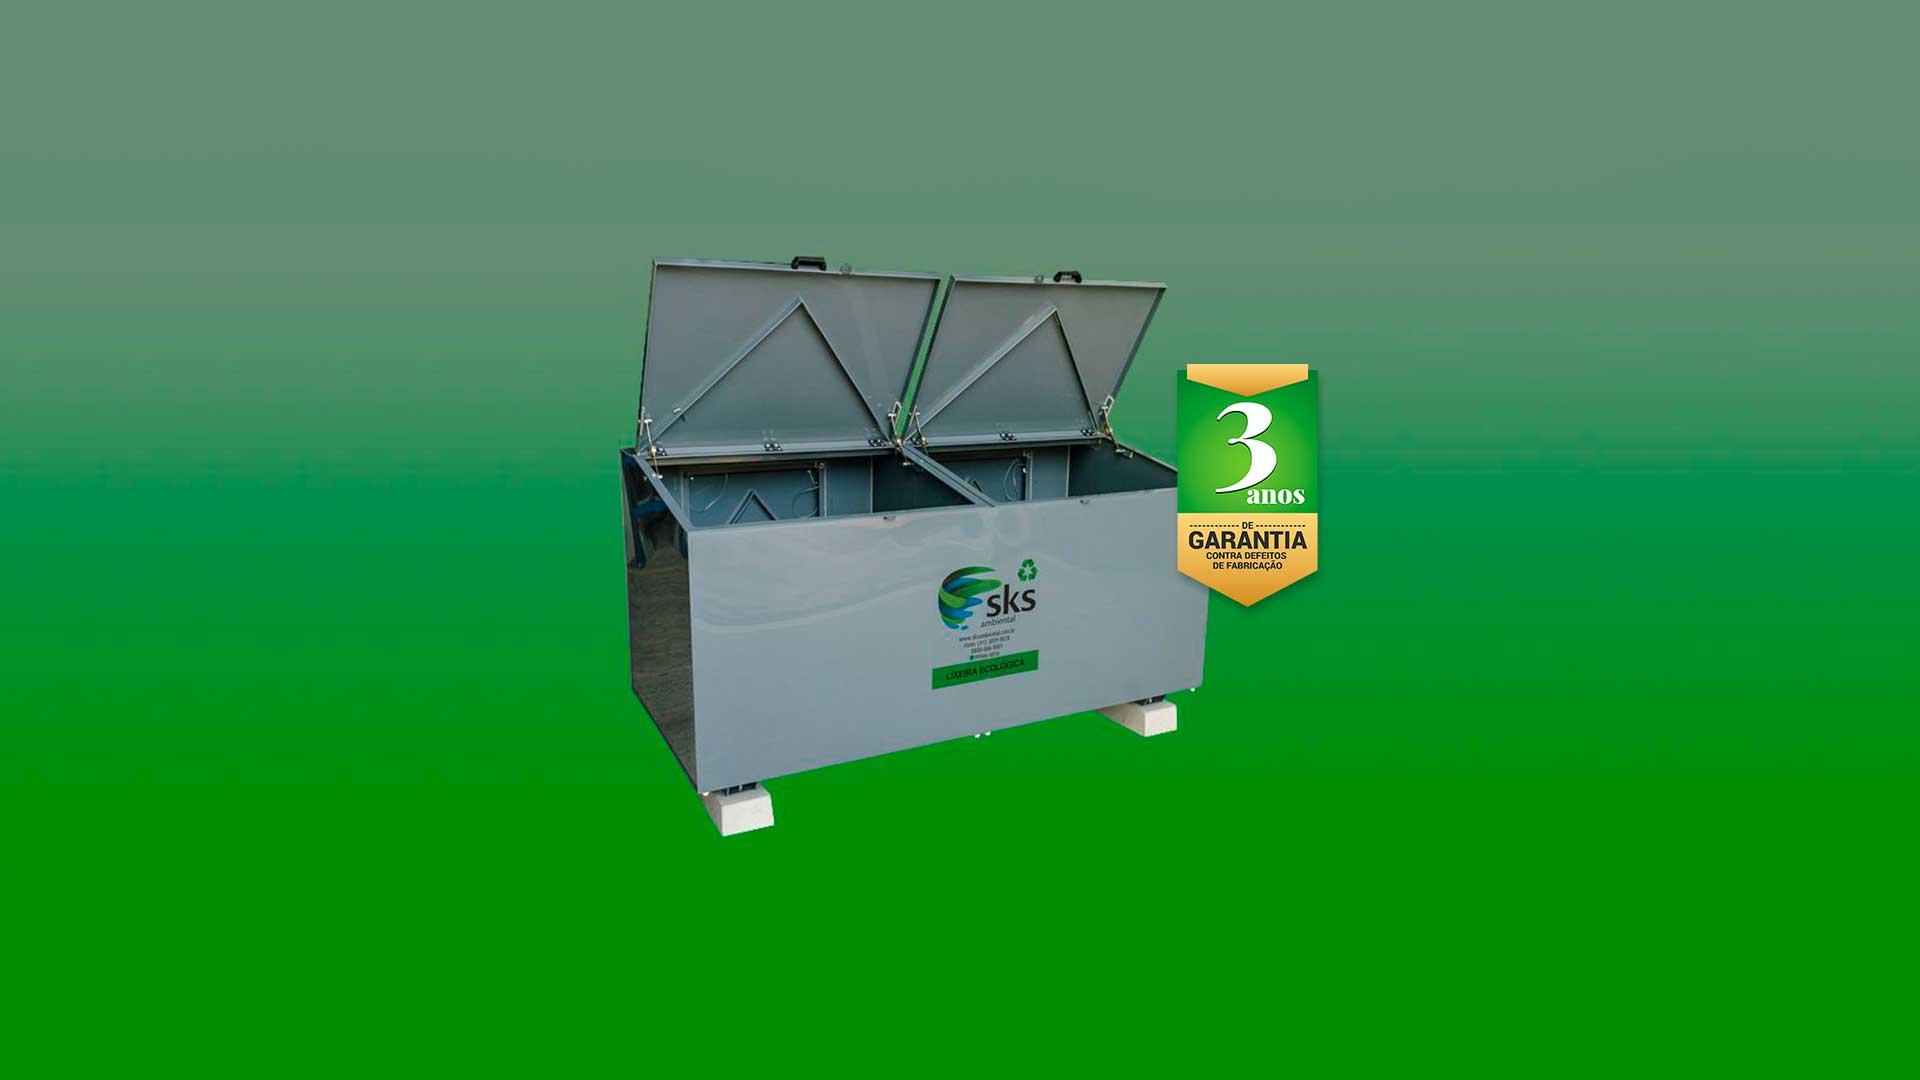 Lixeiras Ecológicas para Condomínios e Empresas, alta resistência, excelente vedação, chave para abrir, portas adicionais, anti-pixação